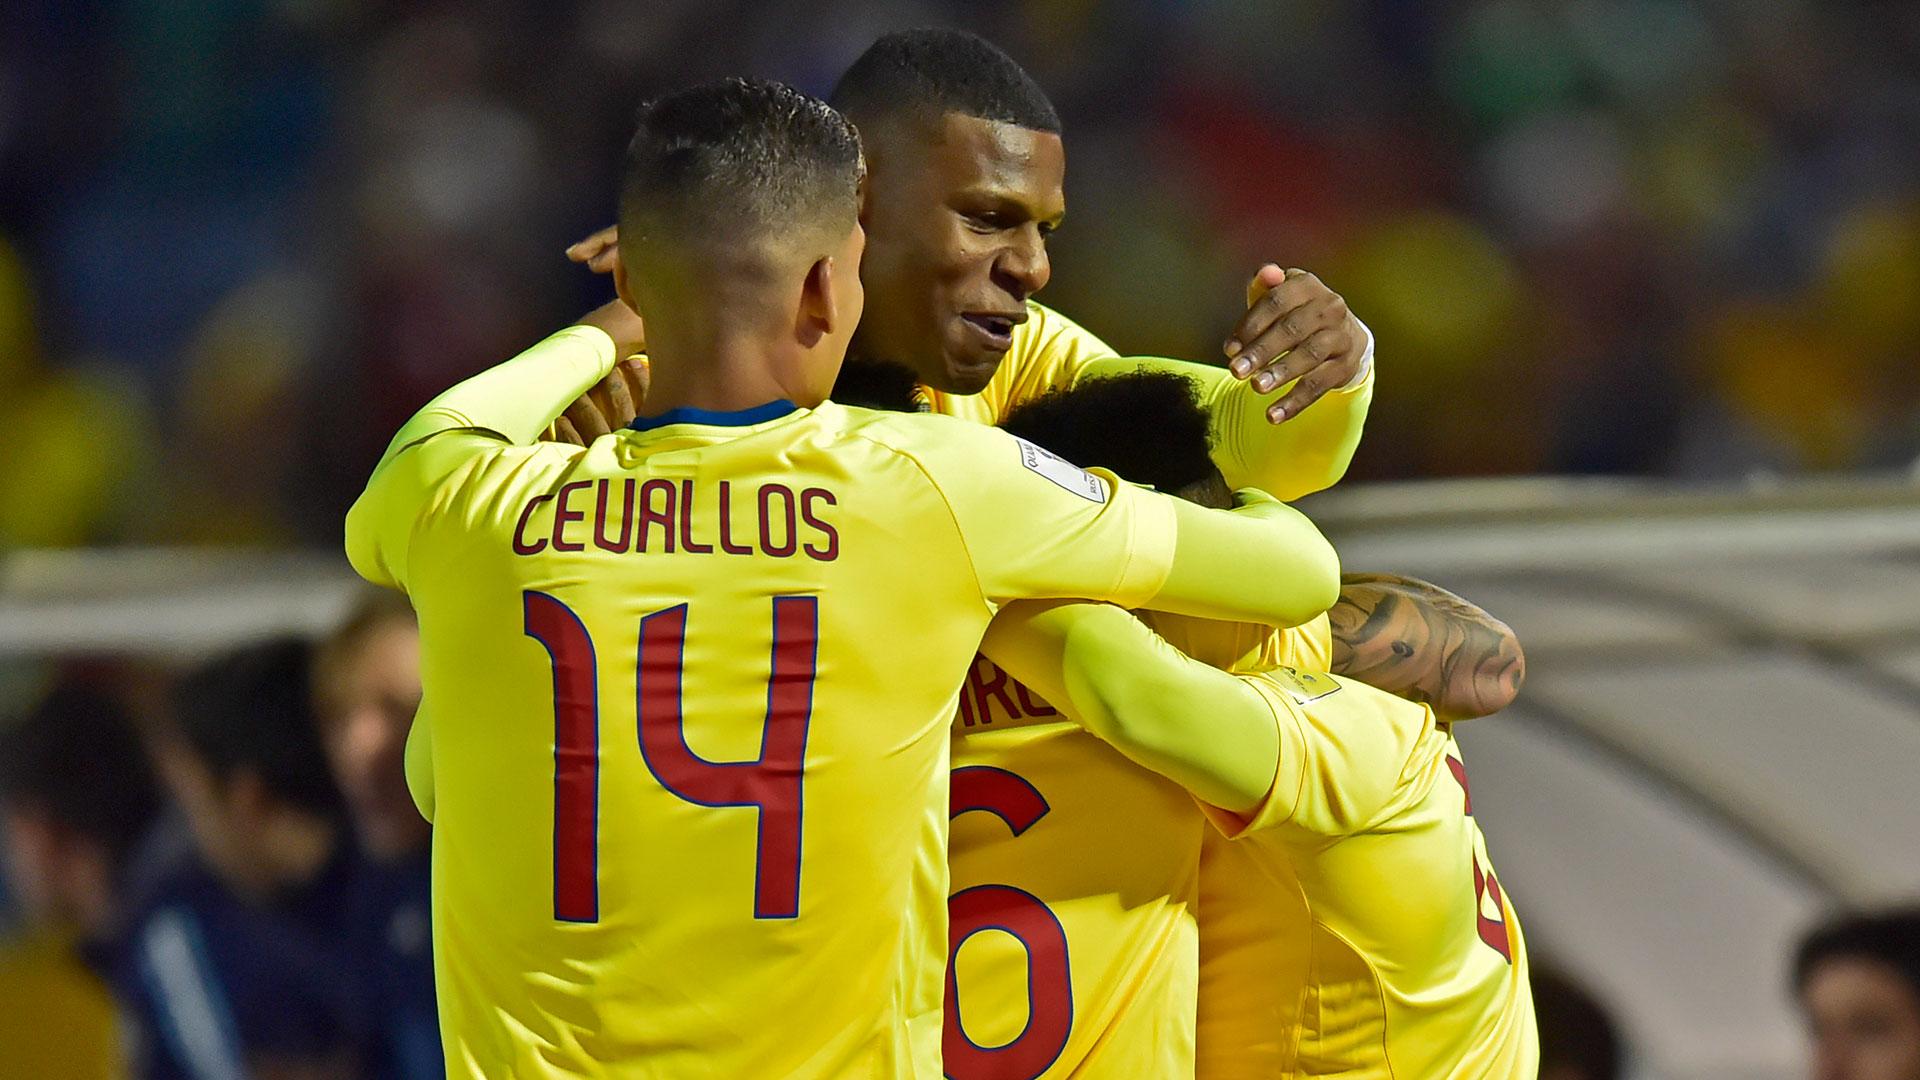 Con el temor de pasar a la historia como el peor equipo de los últimos 48 años, la Selección se presentó en Ecuador con la obligación de ganar para evitar la vergüenza